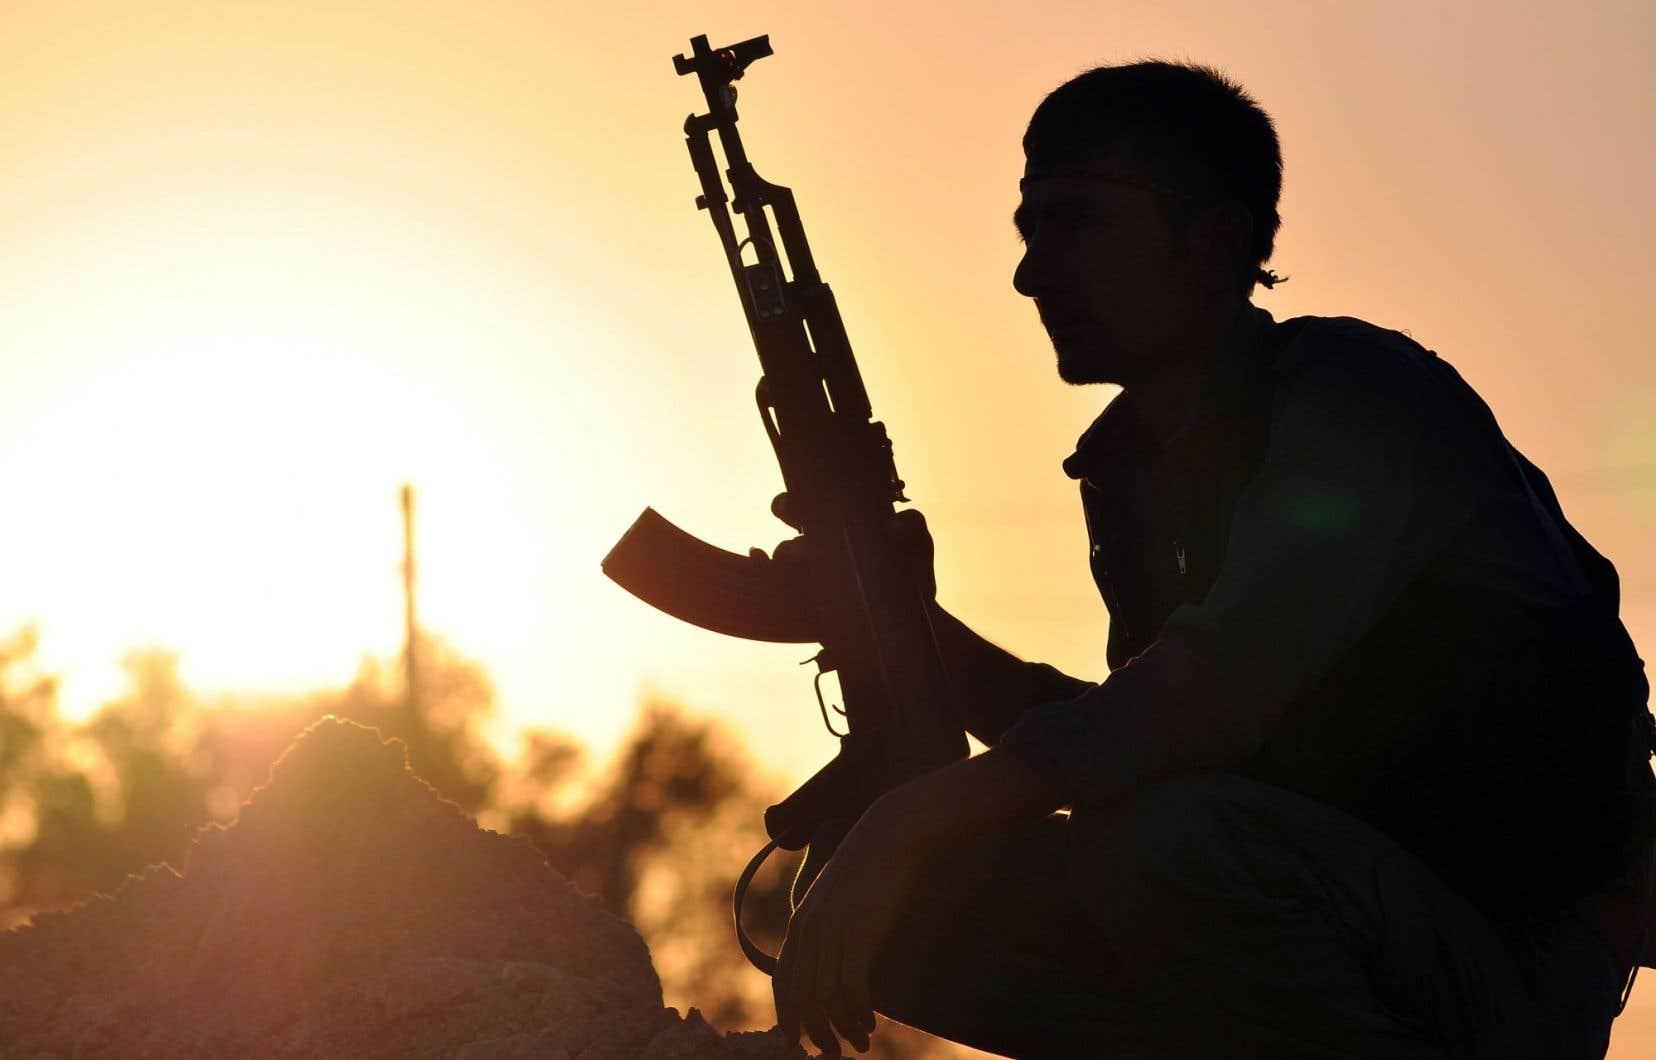 Un combattant kurde opposé au groupe armé État islamique faisant le guet à Ain Issi, à une cinquantaine de kilomètres de la ville syrienne de Racca. L'intervention militaire de la coalition internationale — dont le Canada est membre — a notamment visé des positions du groupe terroriste en appui aux forces kurdes de la Syrie.